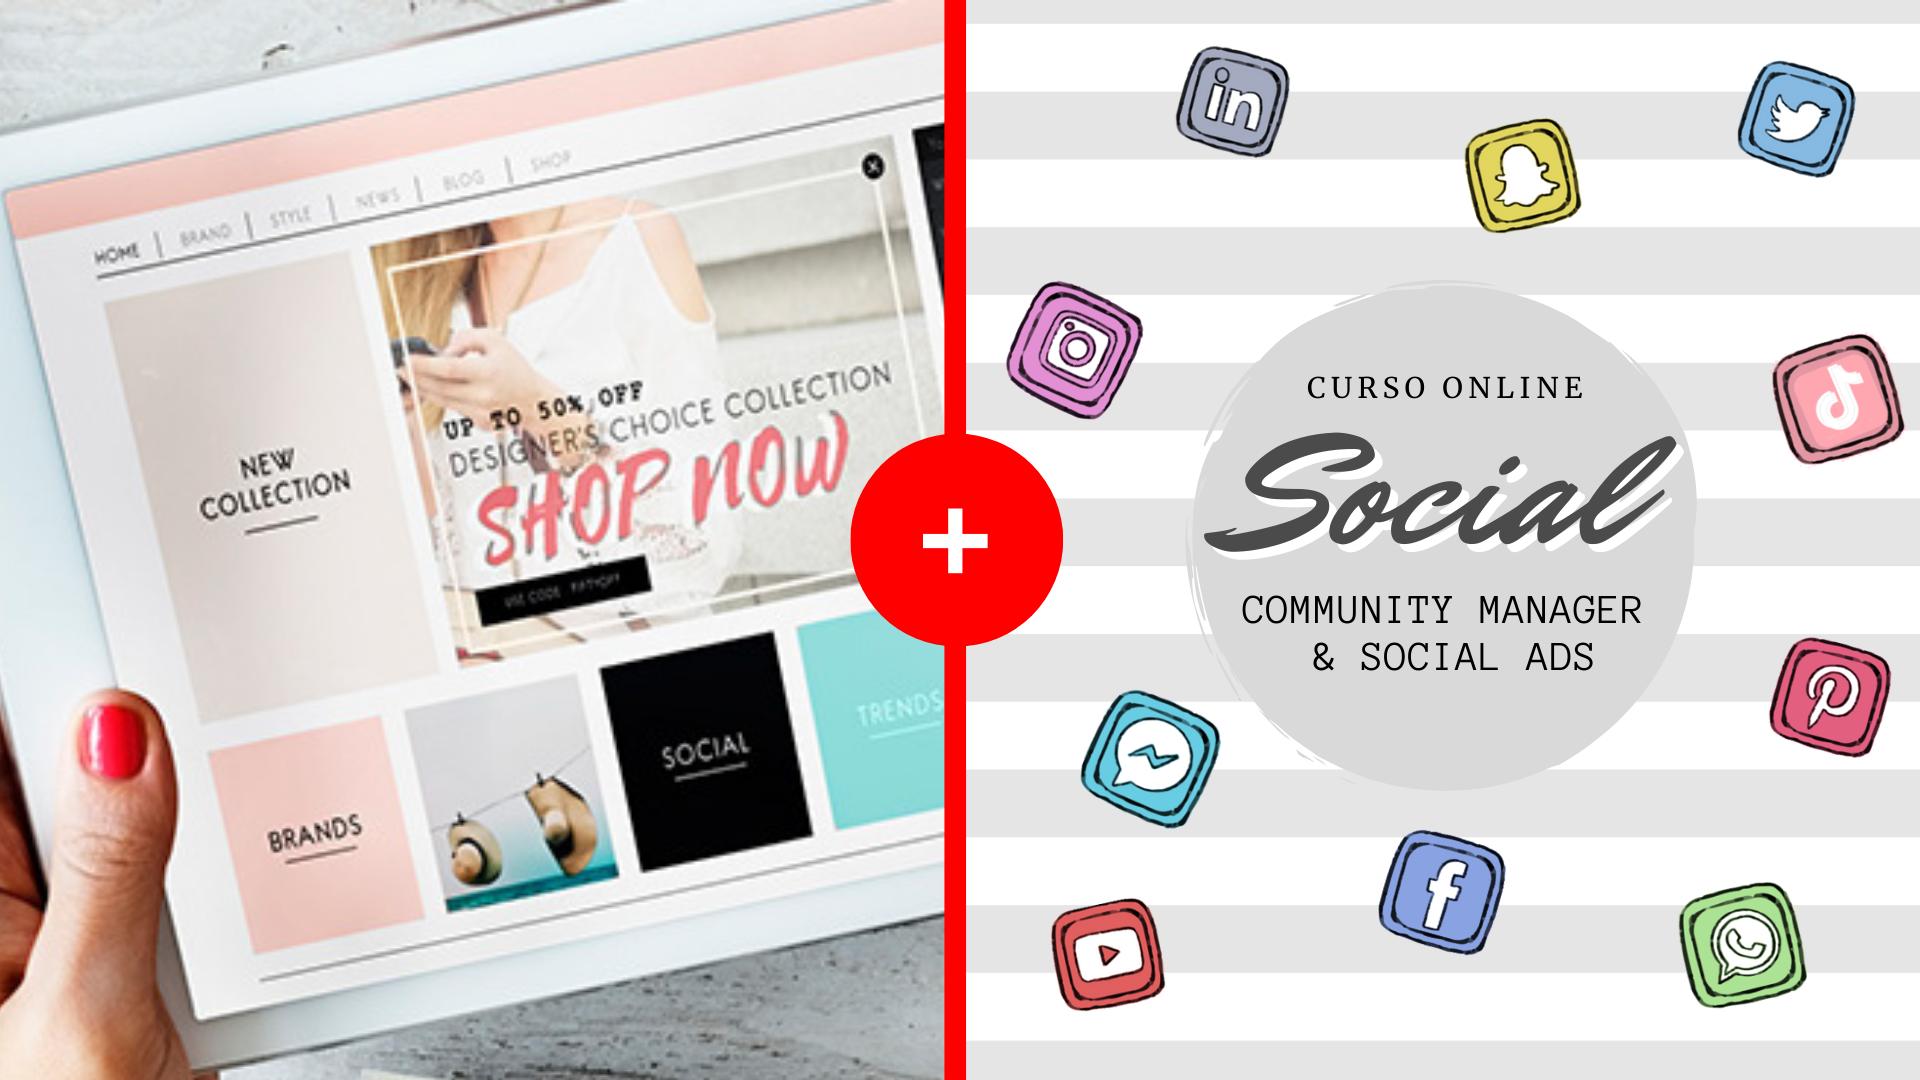 Curso de eCommerce + Redes Sociales